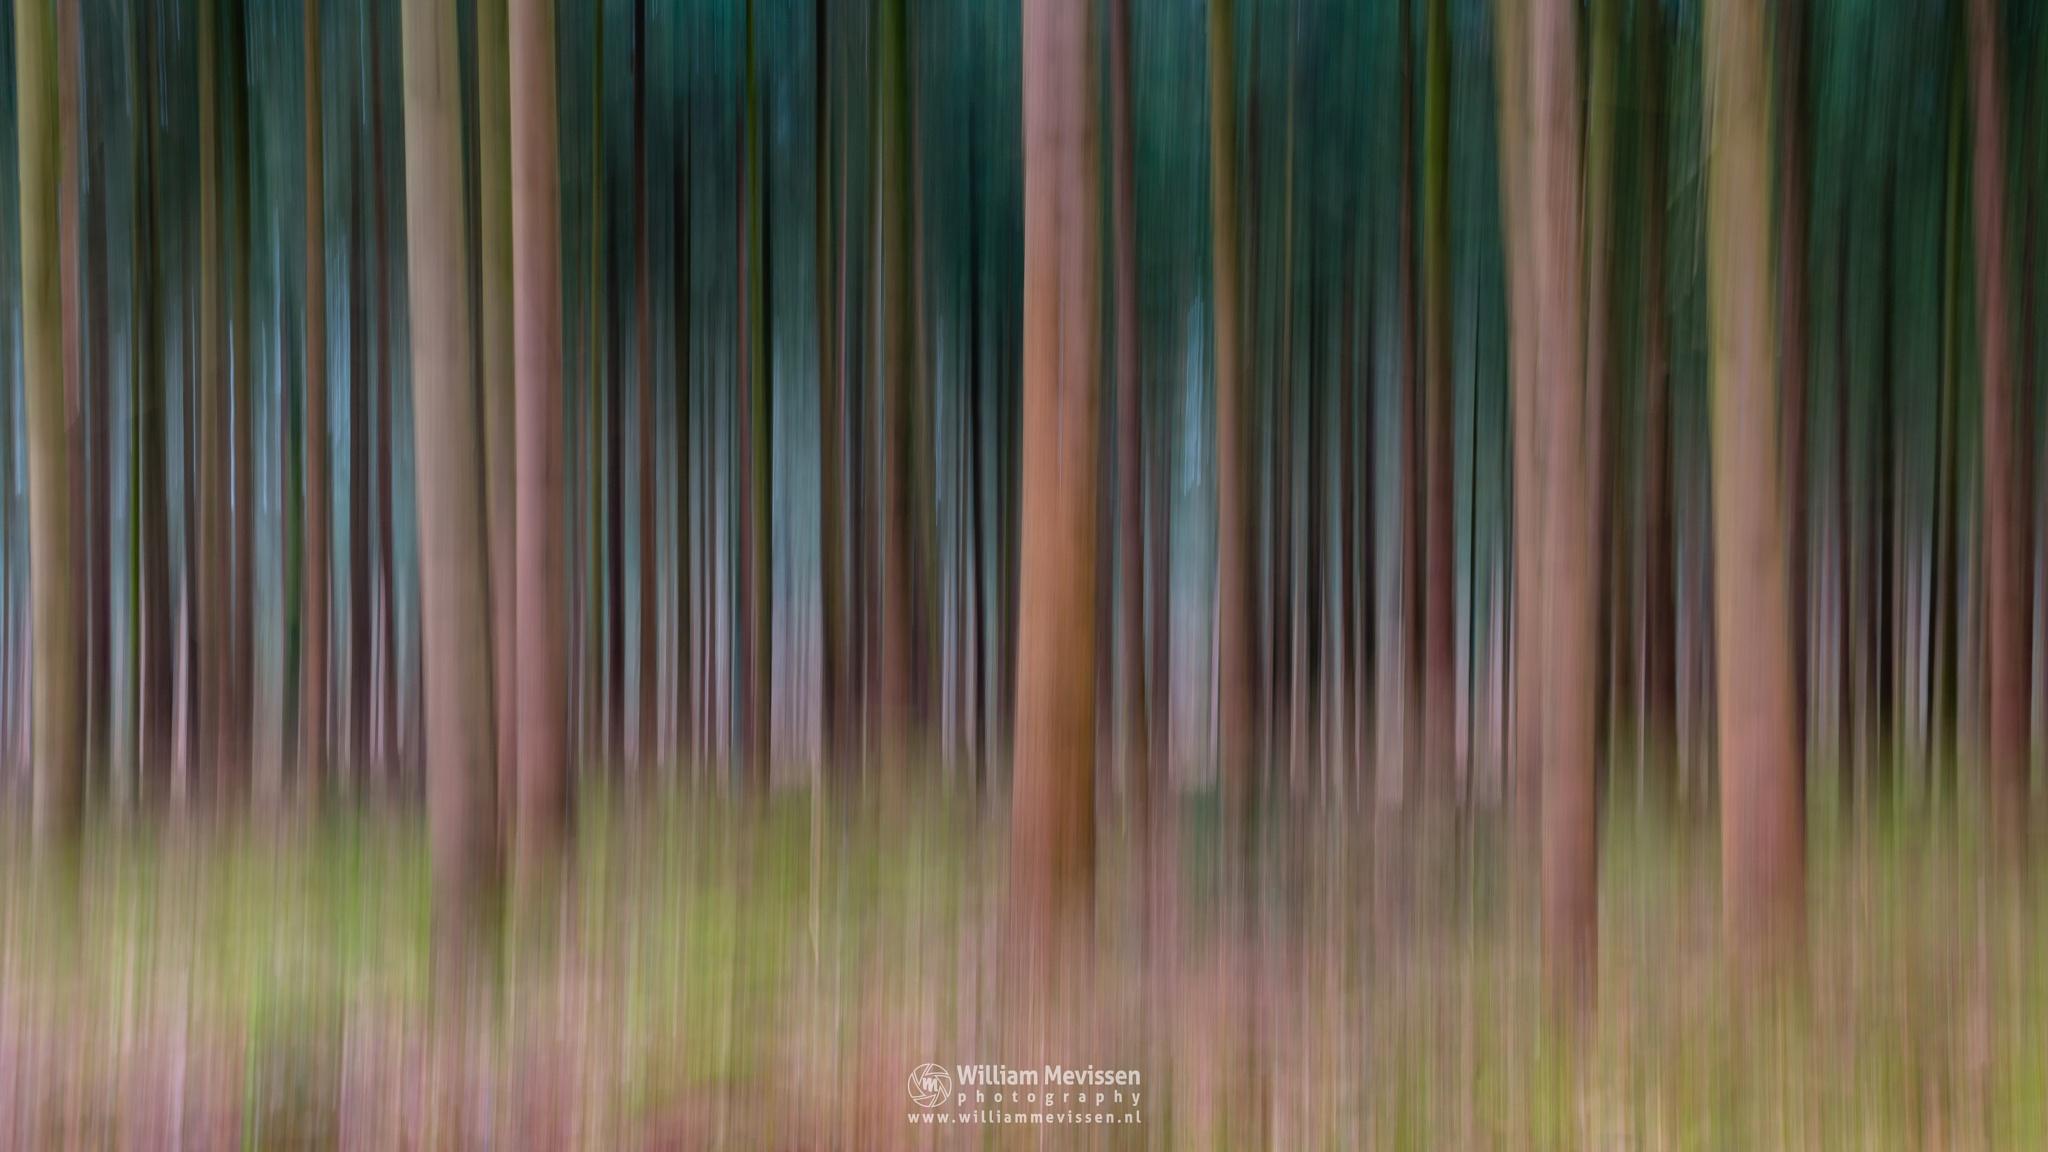 Photo in Abstract #geijsteren #oostrum #venray #landgoed geijsteren #landgoed #weichs de wenne #limburg #noord-limburg #nature #abstract #lines #trees #tree #light #geysteren #estate #nature reserve #forest #woods